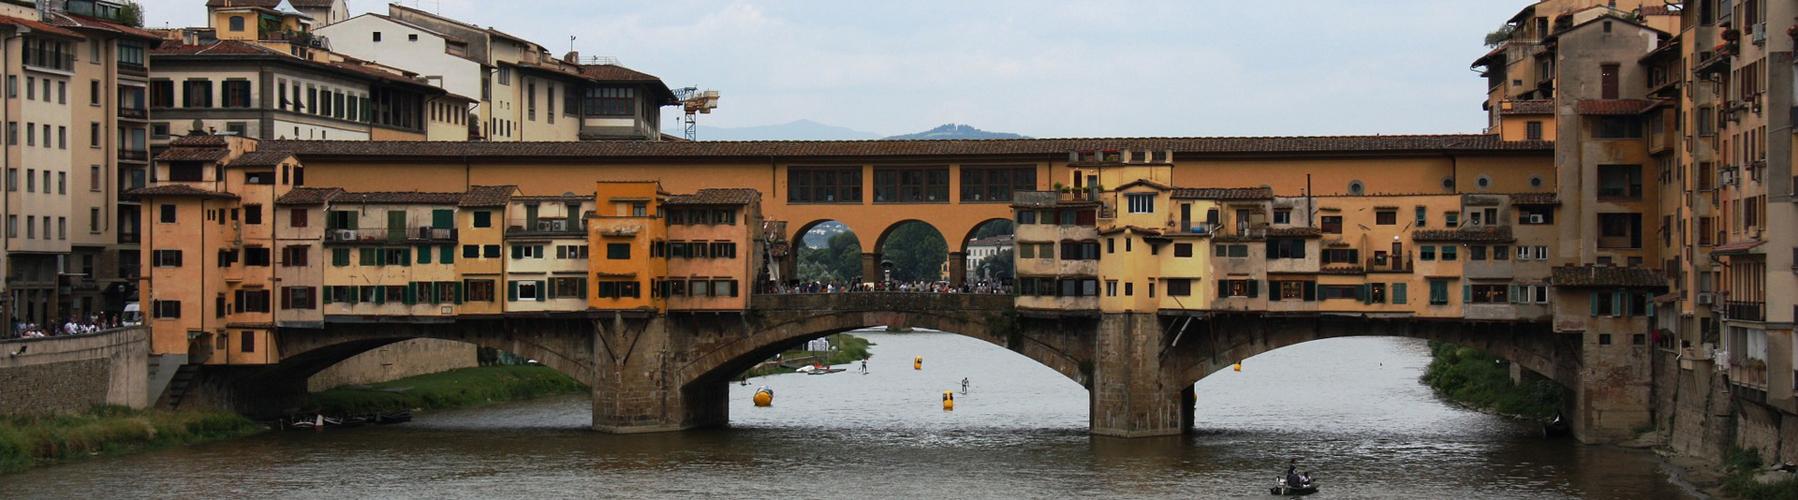 피렌체 - Ponte Vecchio에 가까운 아파트. 피렌체의 지도, 피렌체에 위치한 아파트에 대한 사진 및 리뷰.